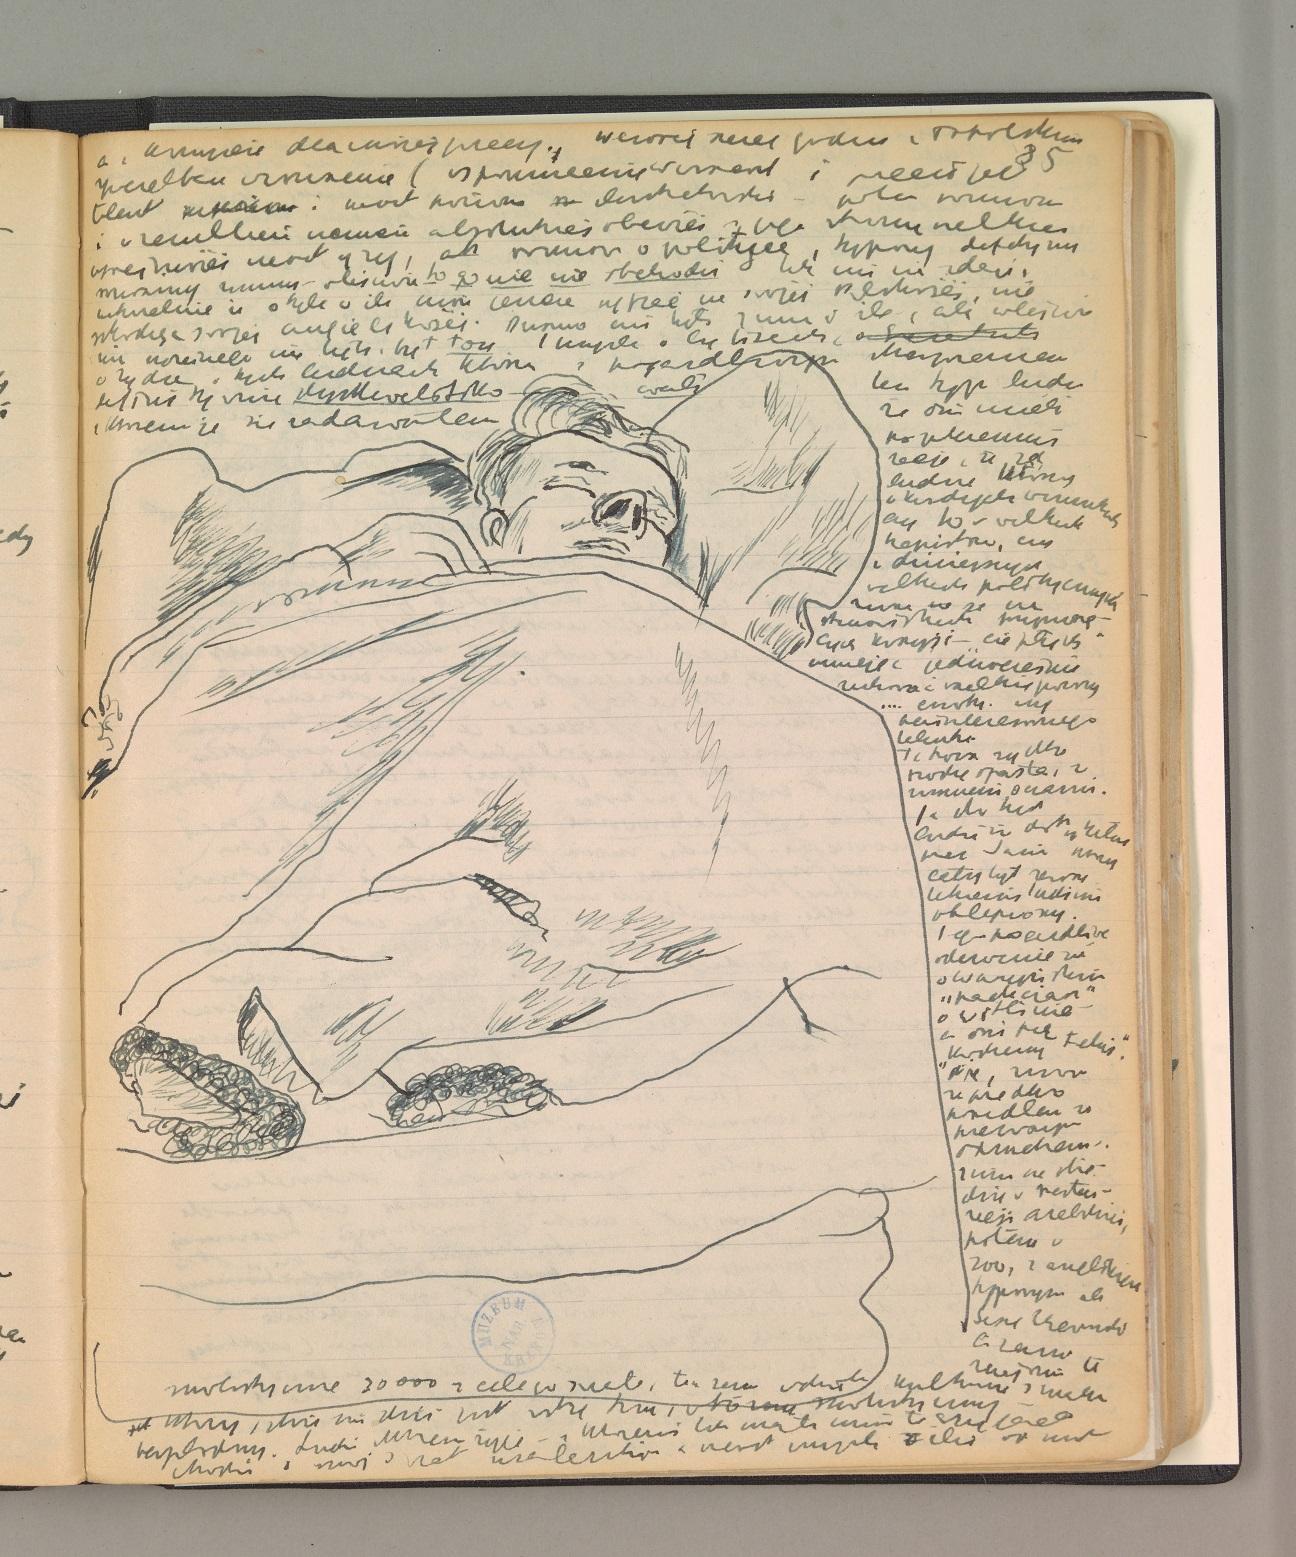 Zdjęcie strony dziennika Józefa Czapskiego - rysunek ołówkiem przedstawiający śpiącego podkocem mężczyznę napryczy..